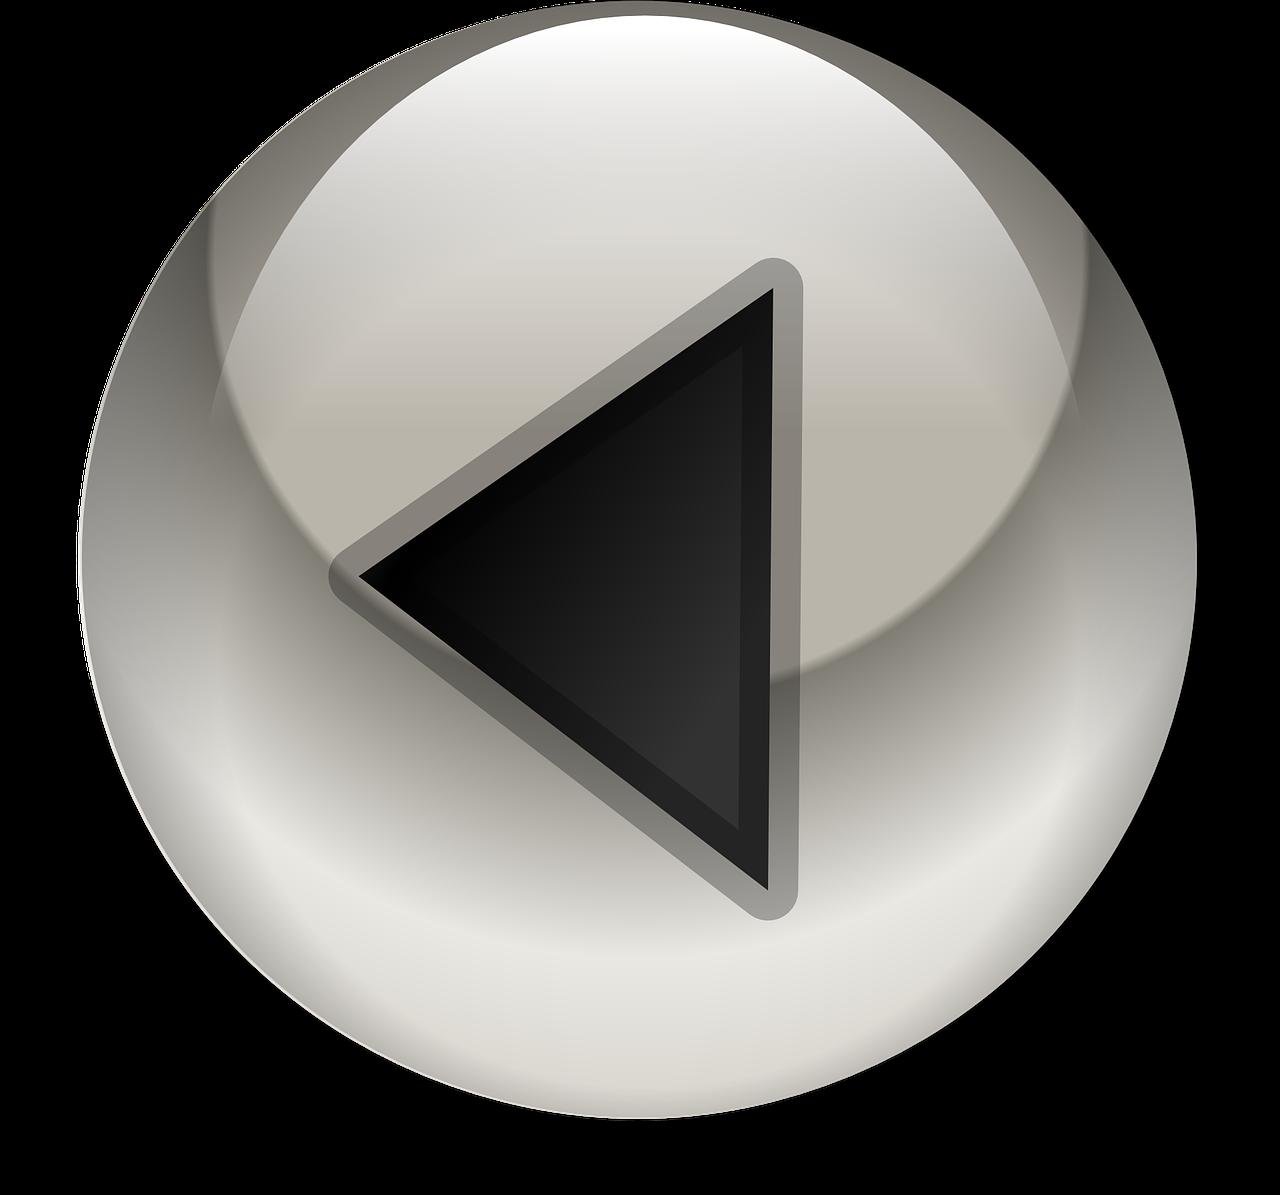 button-24808_1280